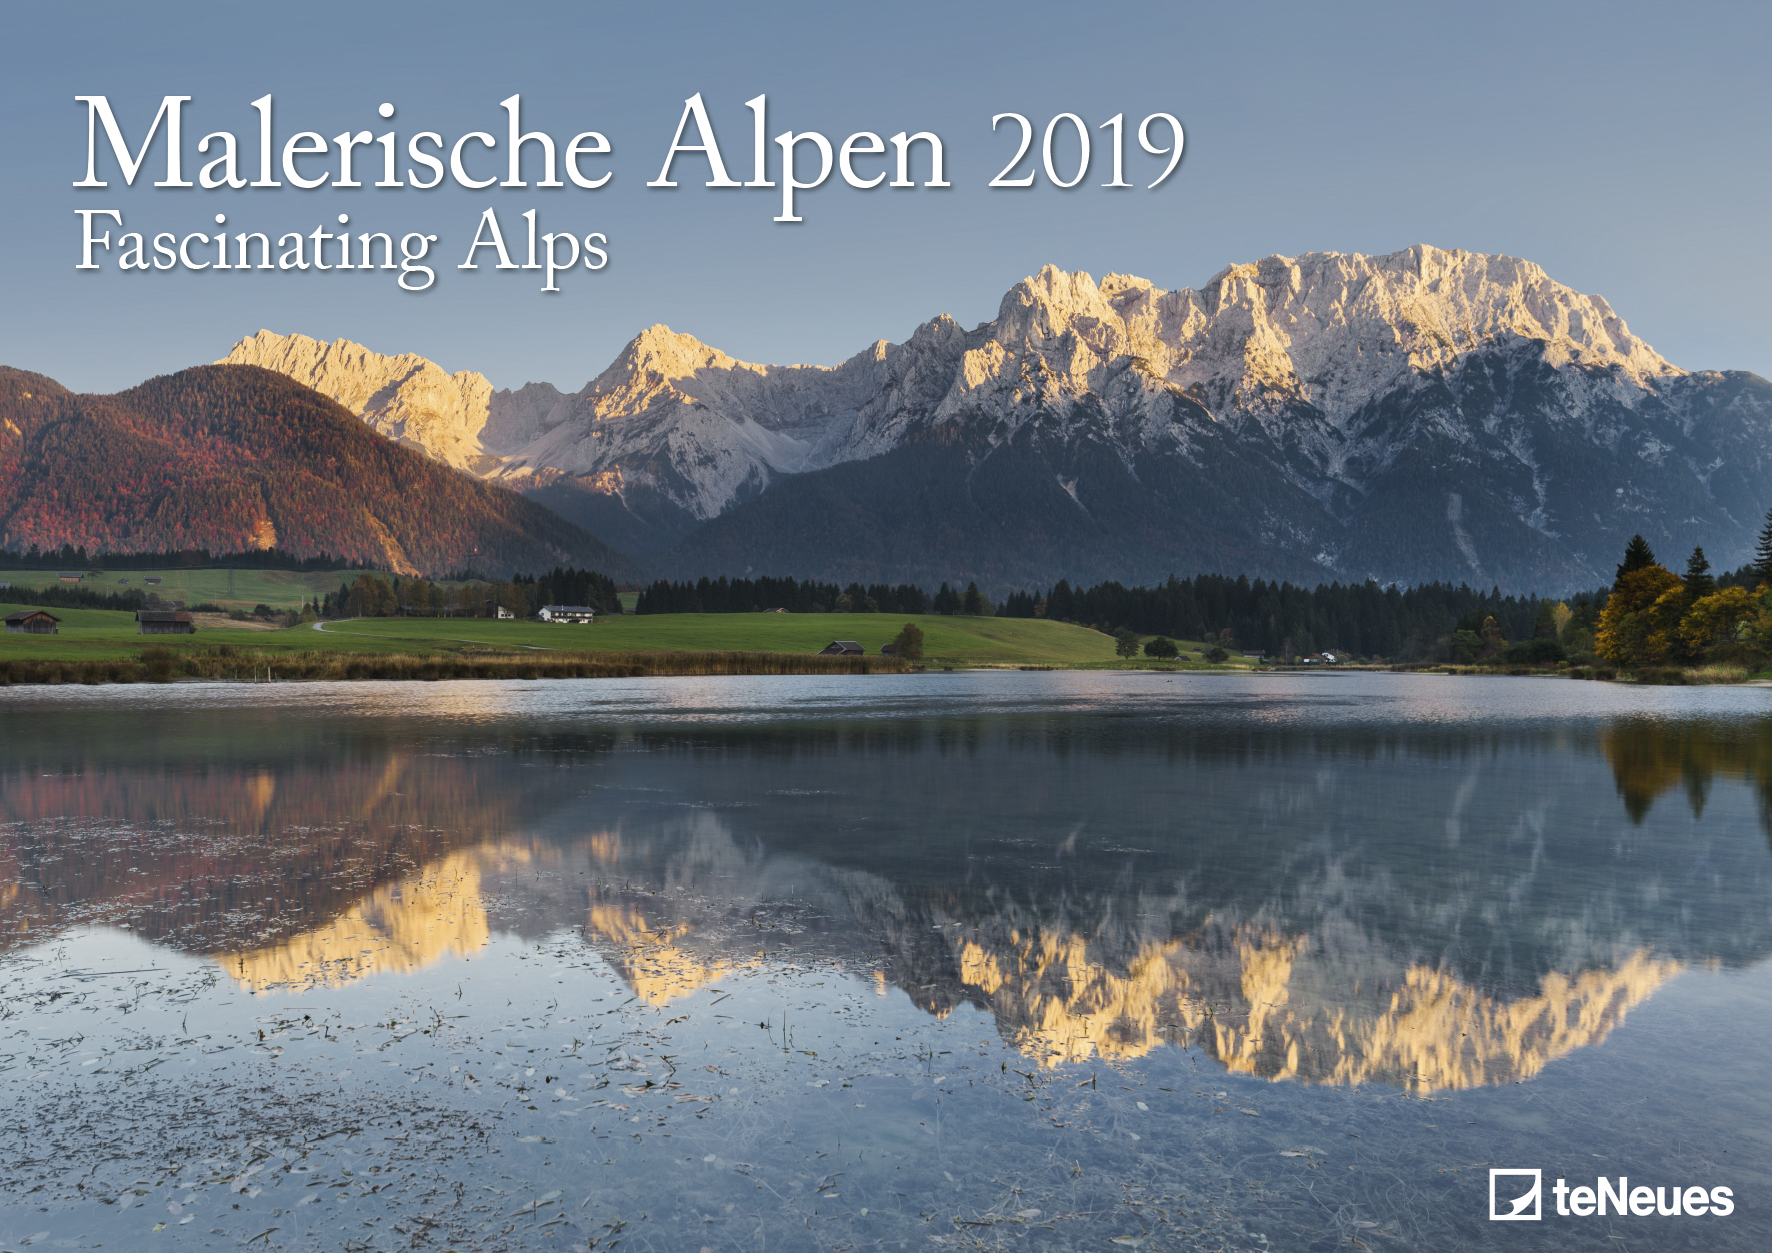 Malerische-Alpen-2019